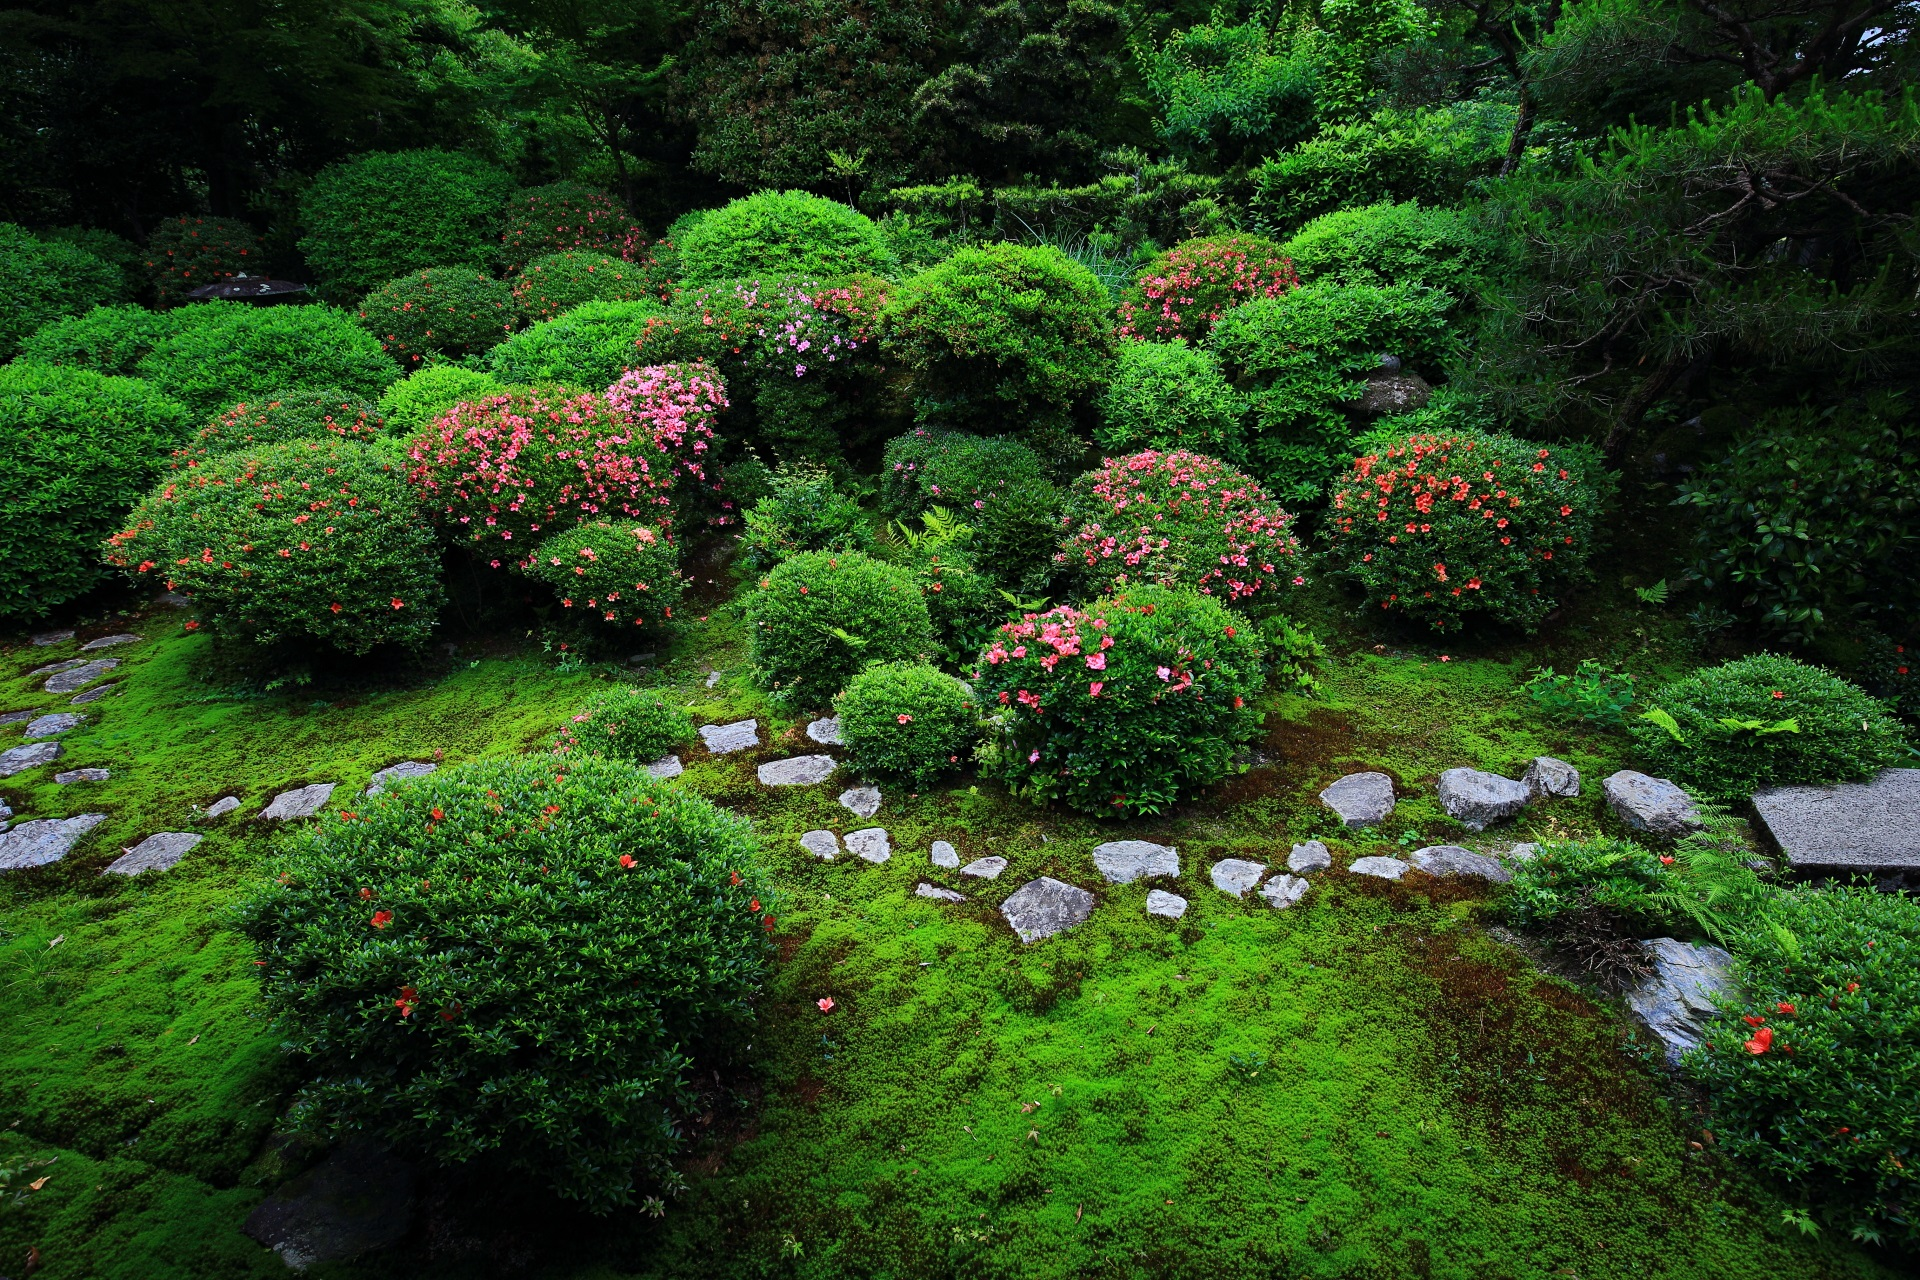 サツキと緑の綺麗な安楽寺の美しく趣きある庭園